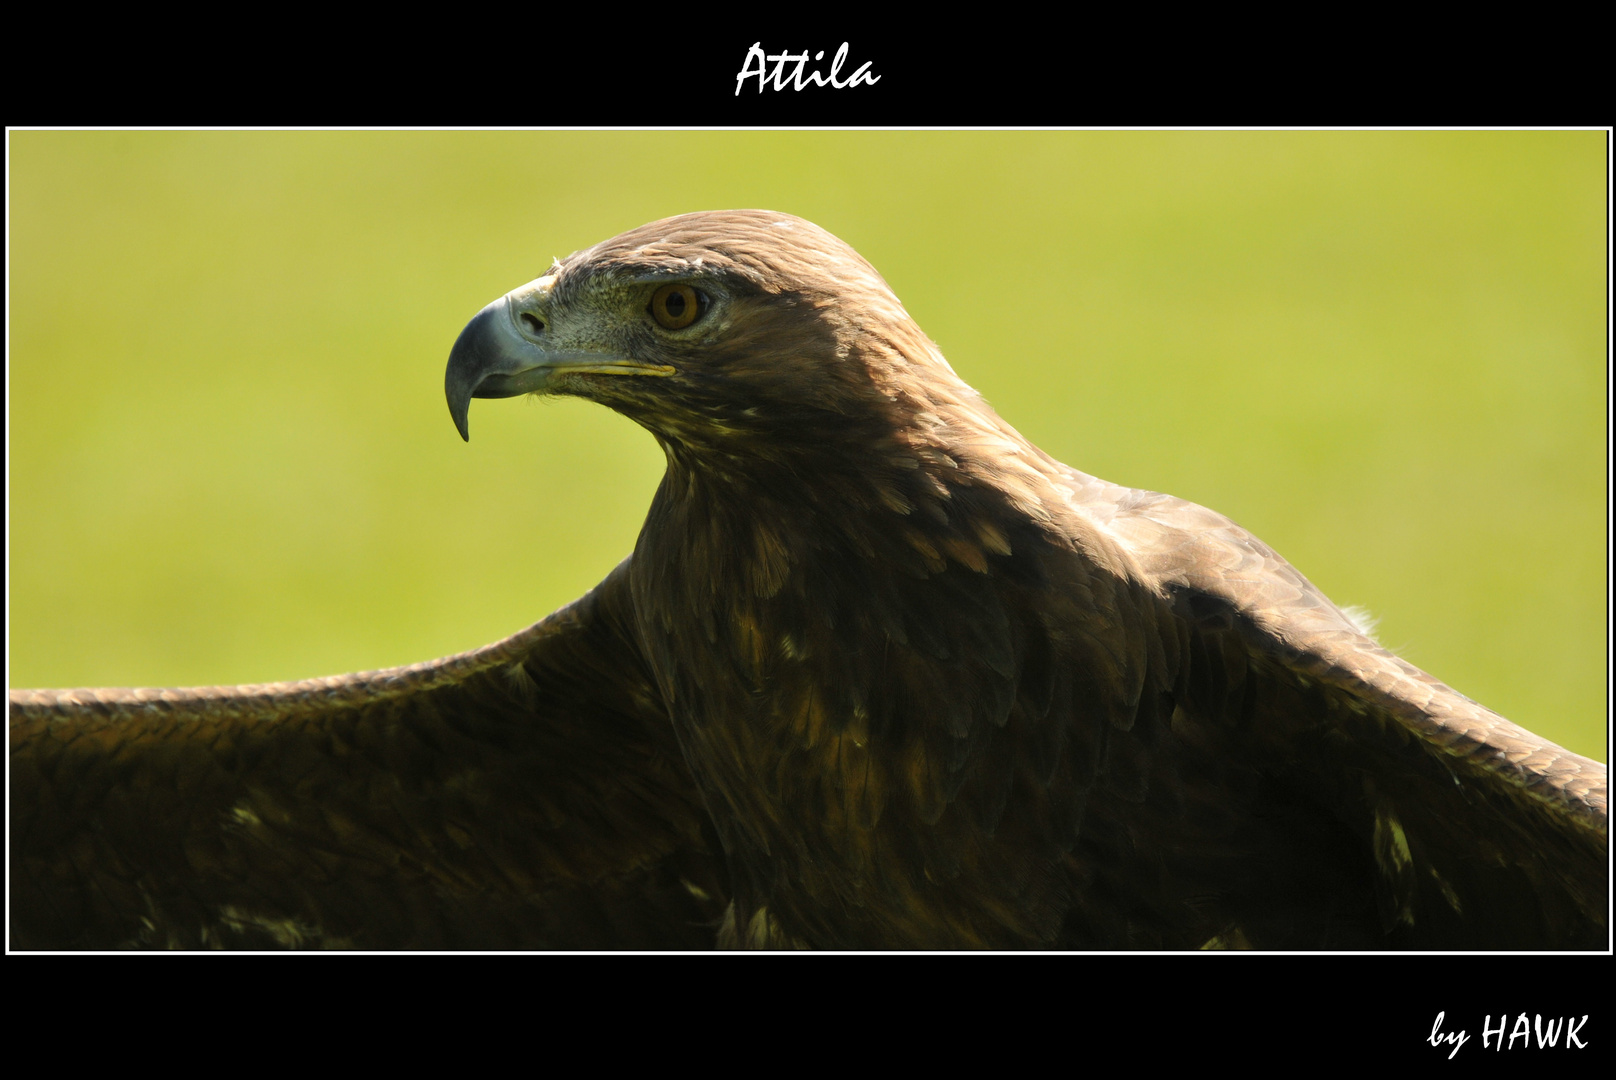 Attila - Porträit